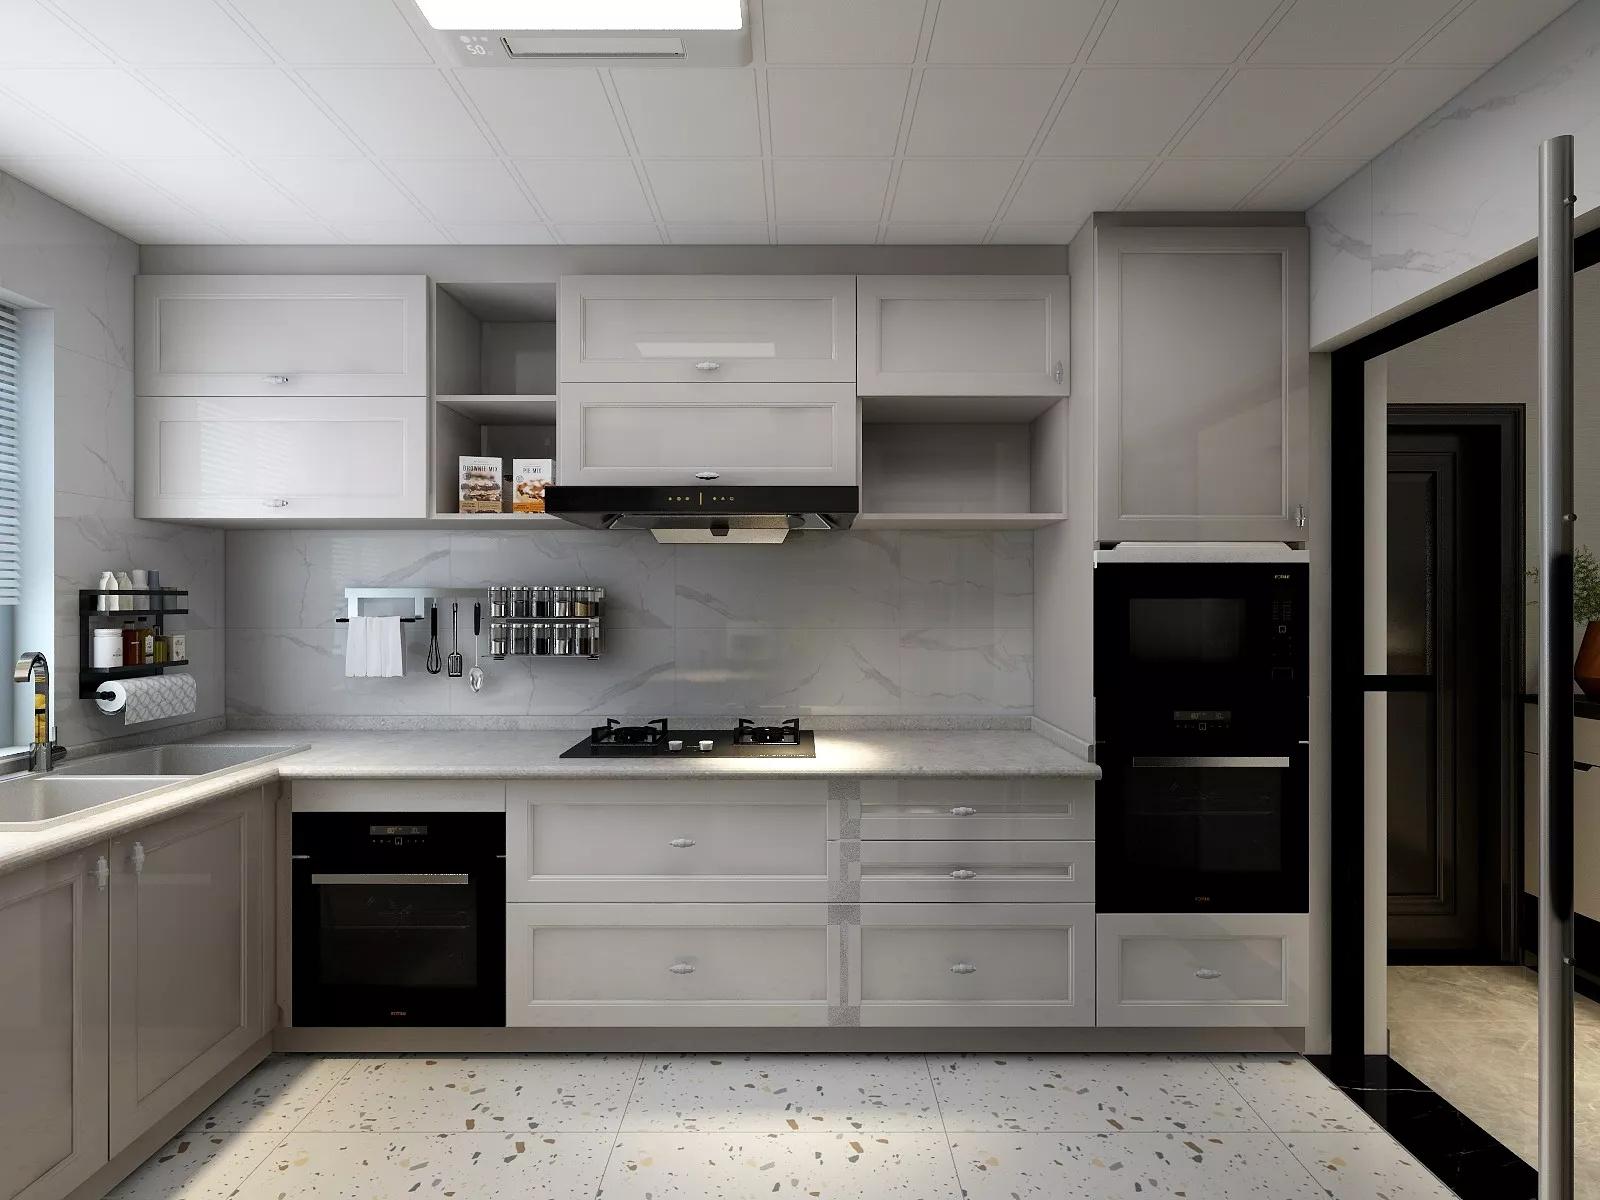 廚房凈水器需要經常清洗嗎 廚房凈水器清洗方法